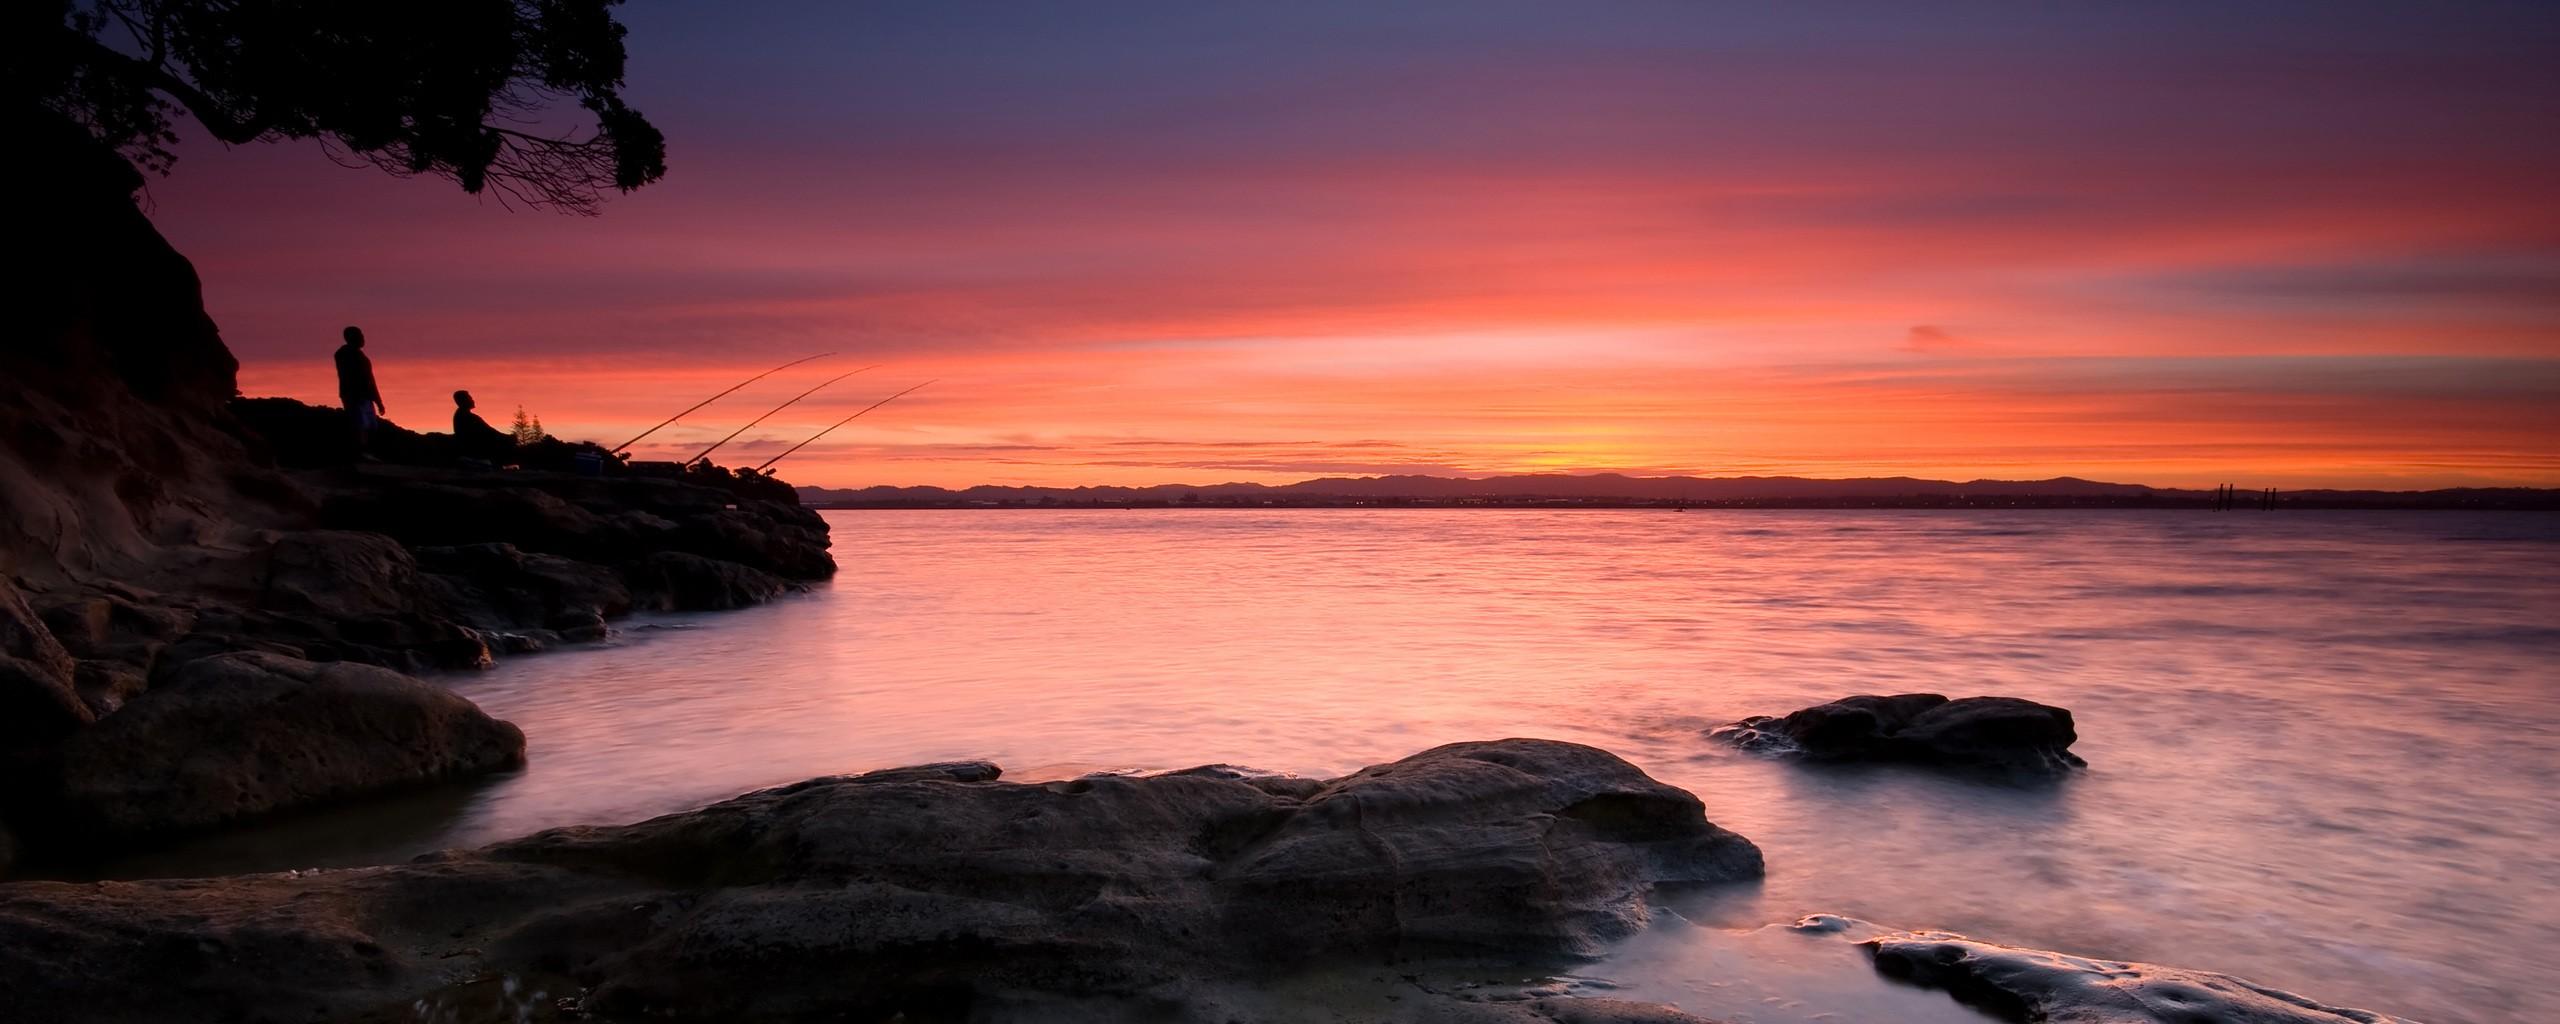 Landscape Simple Background Sunset Sea Bay Rock Shore Reflection Beach Sunrise Evening Morning Coast Horizon Dusk